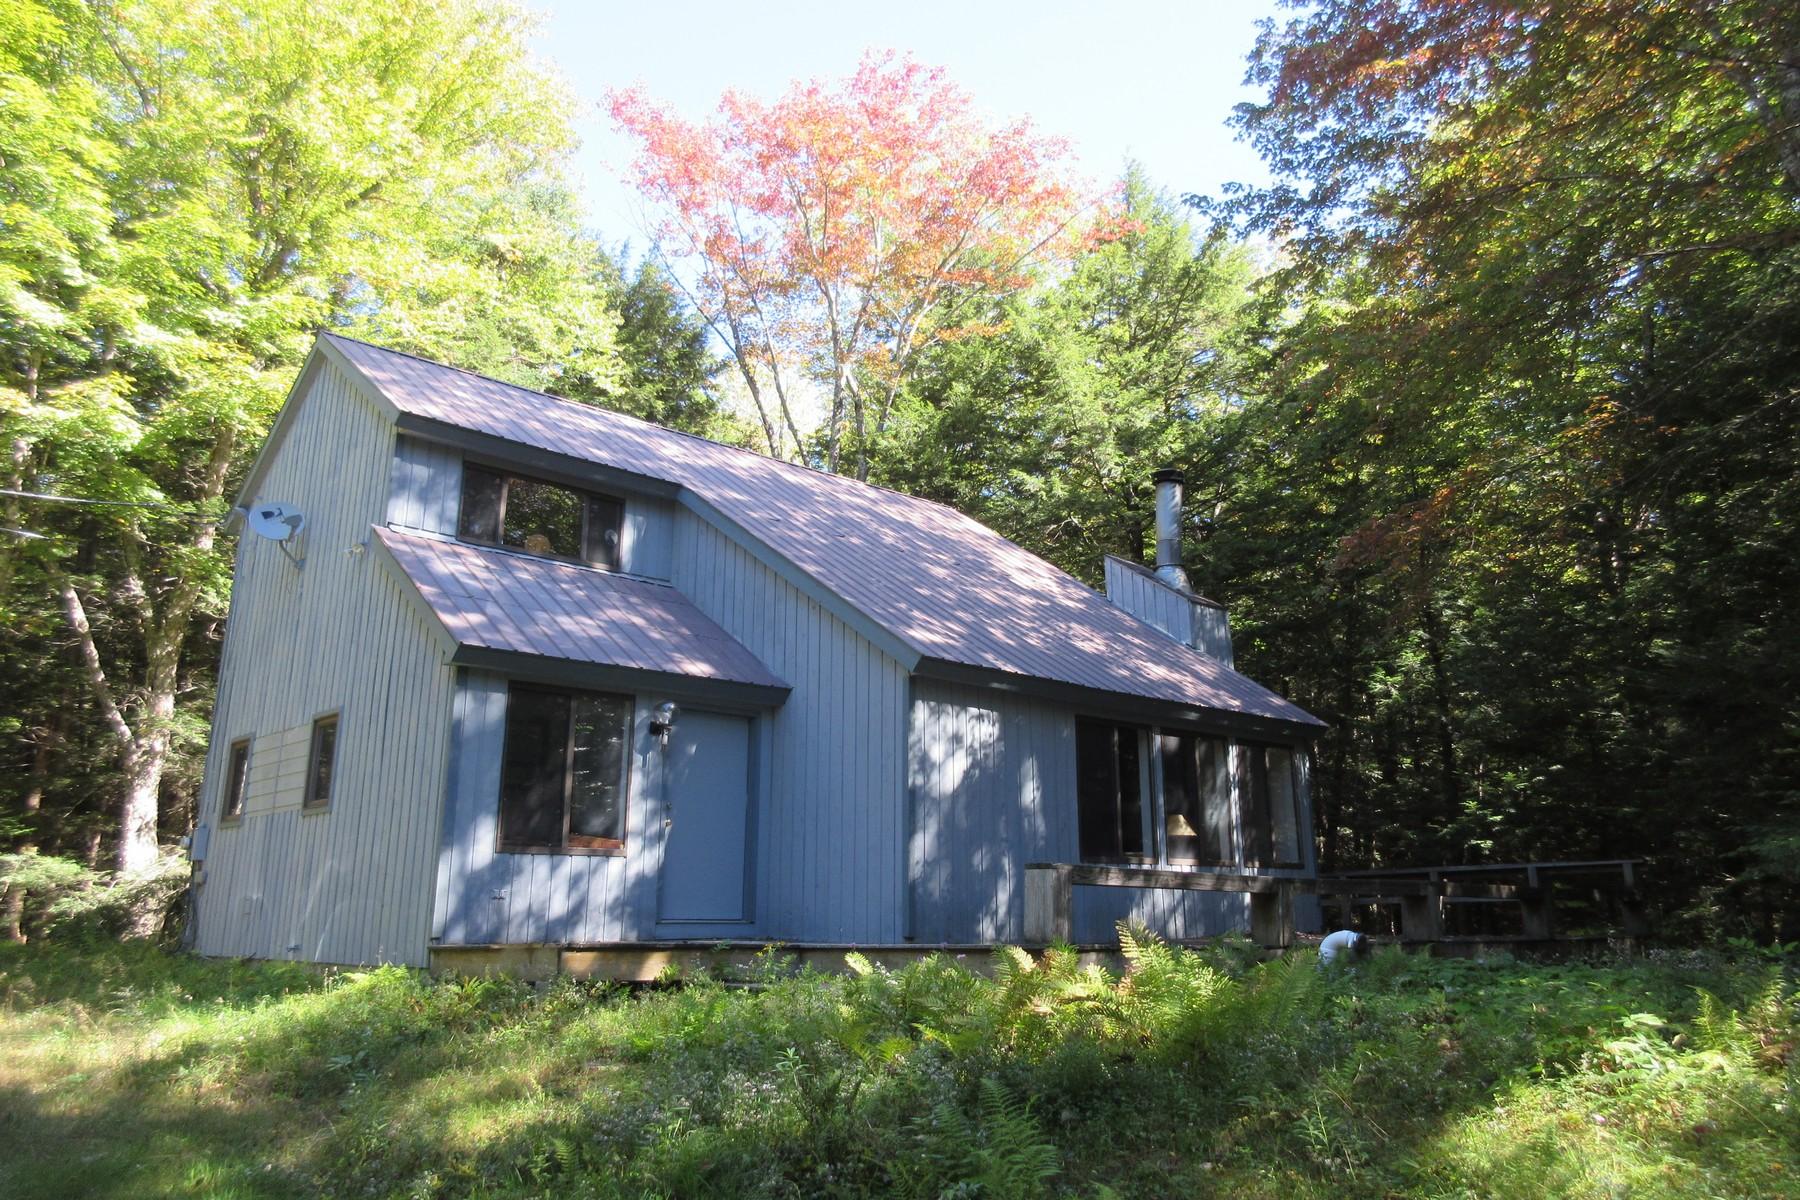 独户住宅 为 销售 在 641 Sherwood Forest, Londonderry 伦敦德里郡, 佛蒙特州, 05148 美国